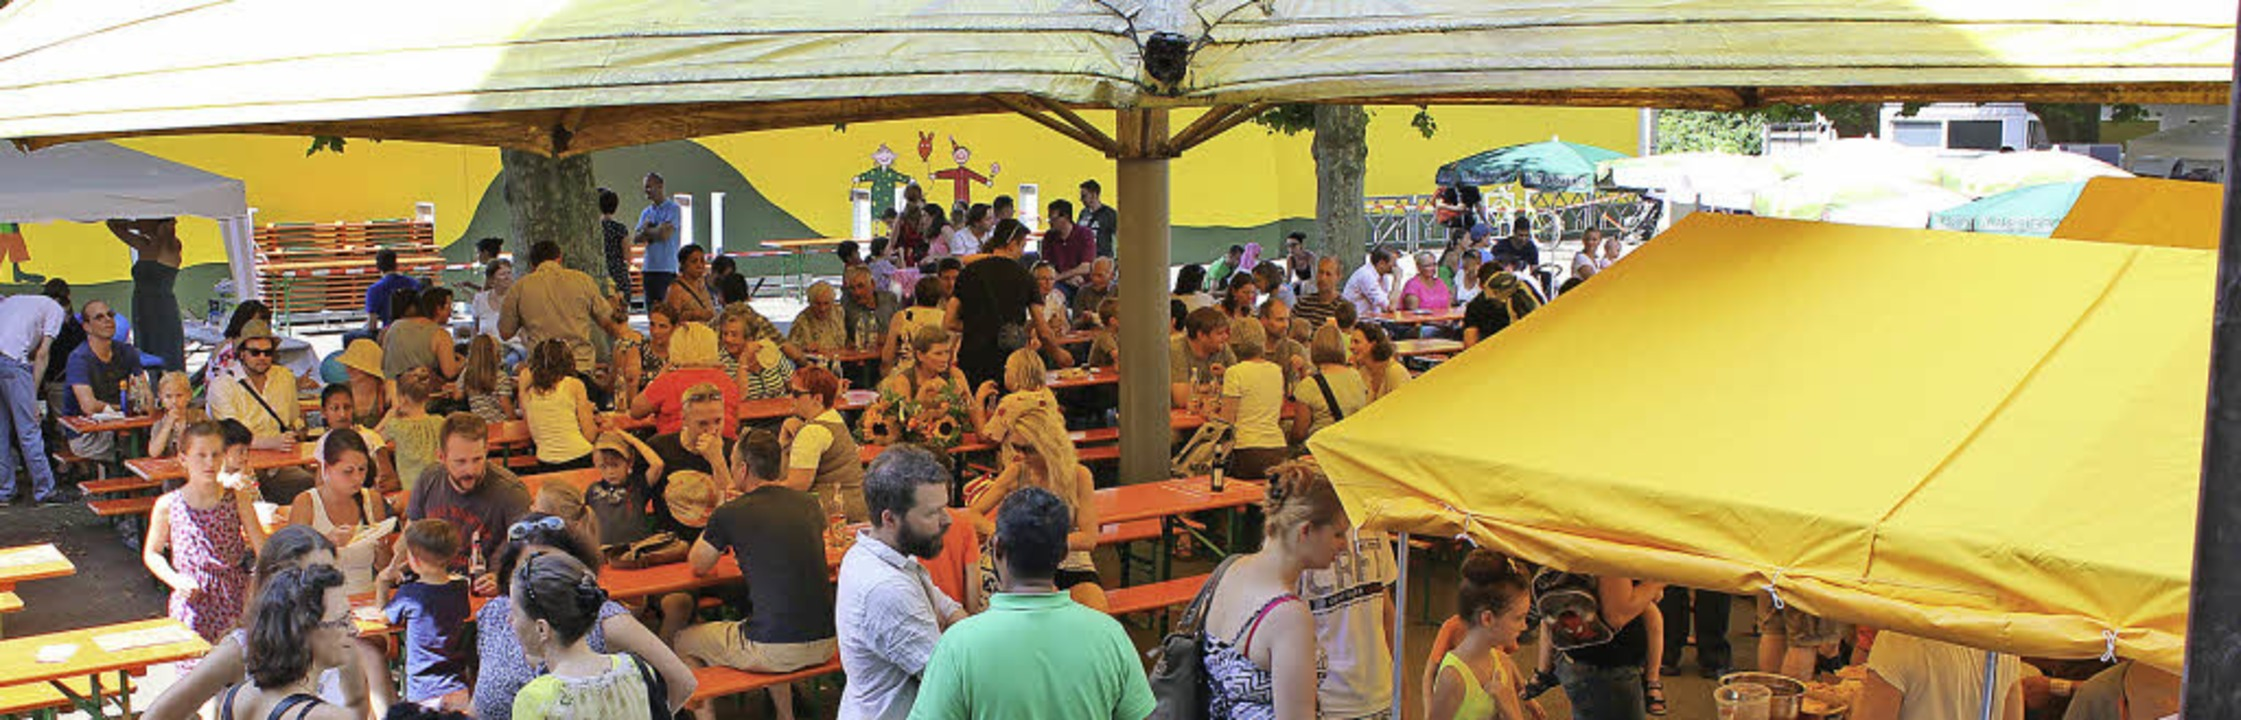 Beim Sommerfest der Musik- und der Hebelschule auf dem Schulhof  | Foto: Antje Gessner